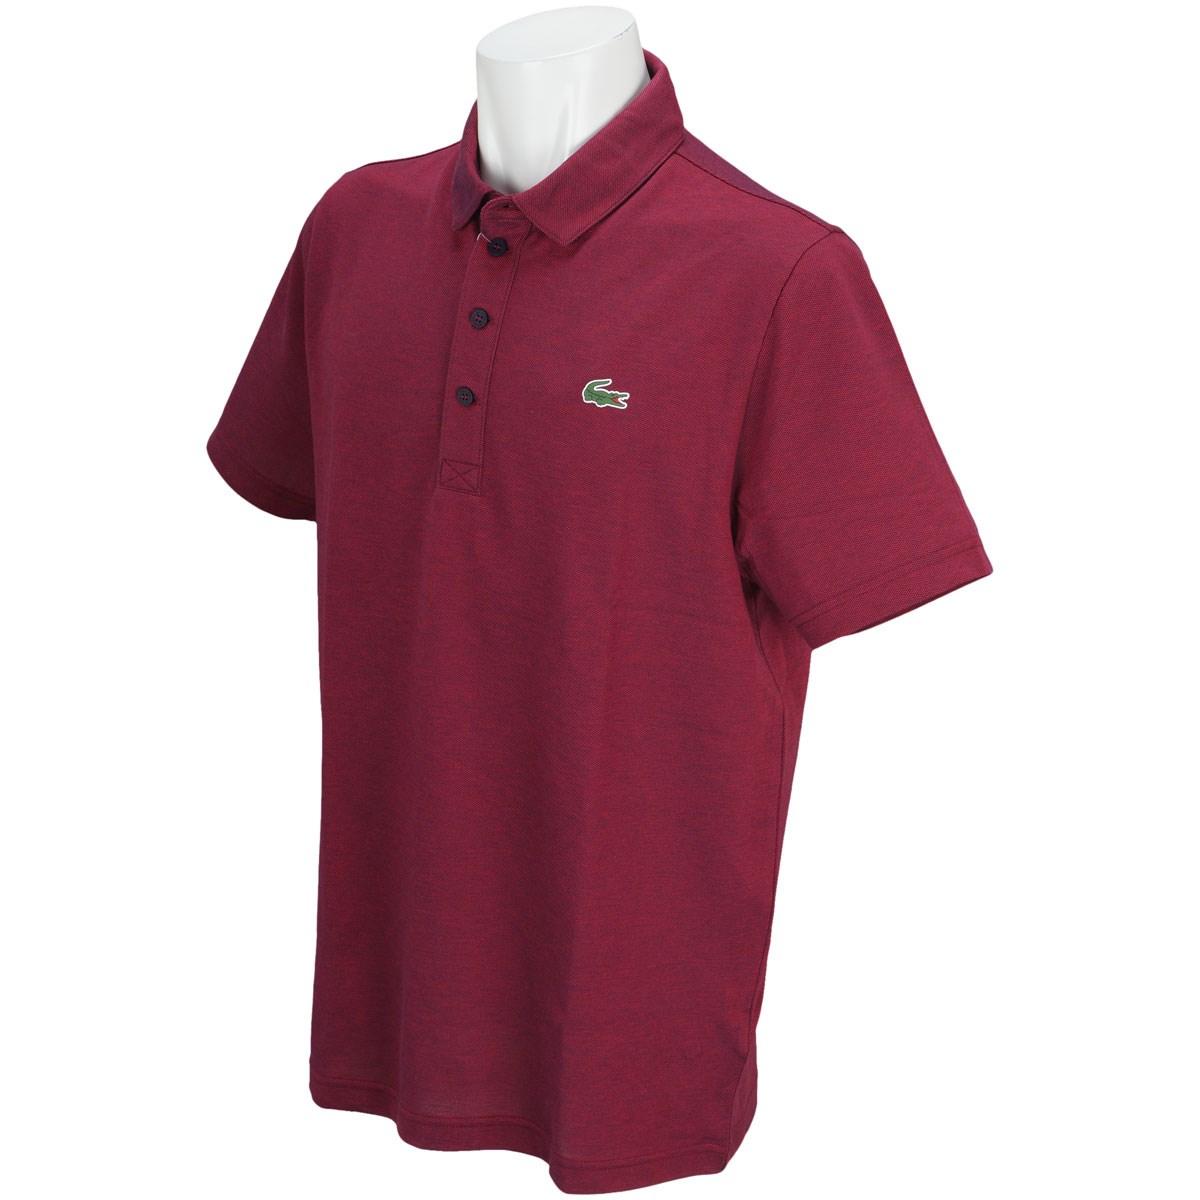 ラコステ SPORT GOLF バイカラー テクニカルジャージー 半袖ポロシャツ